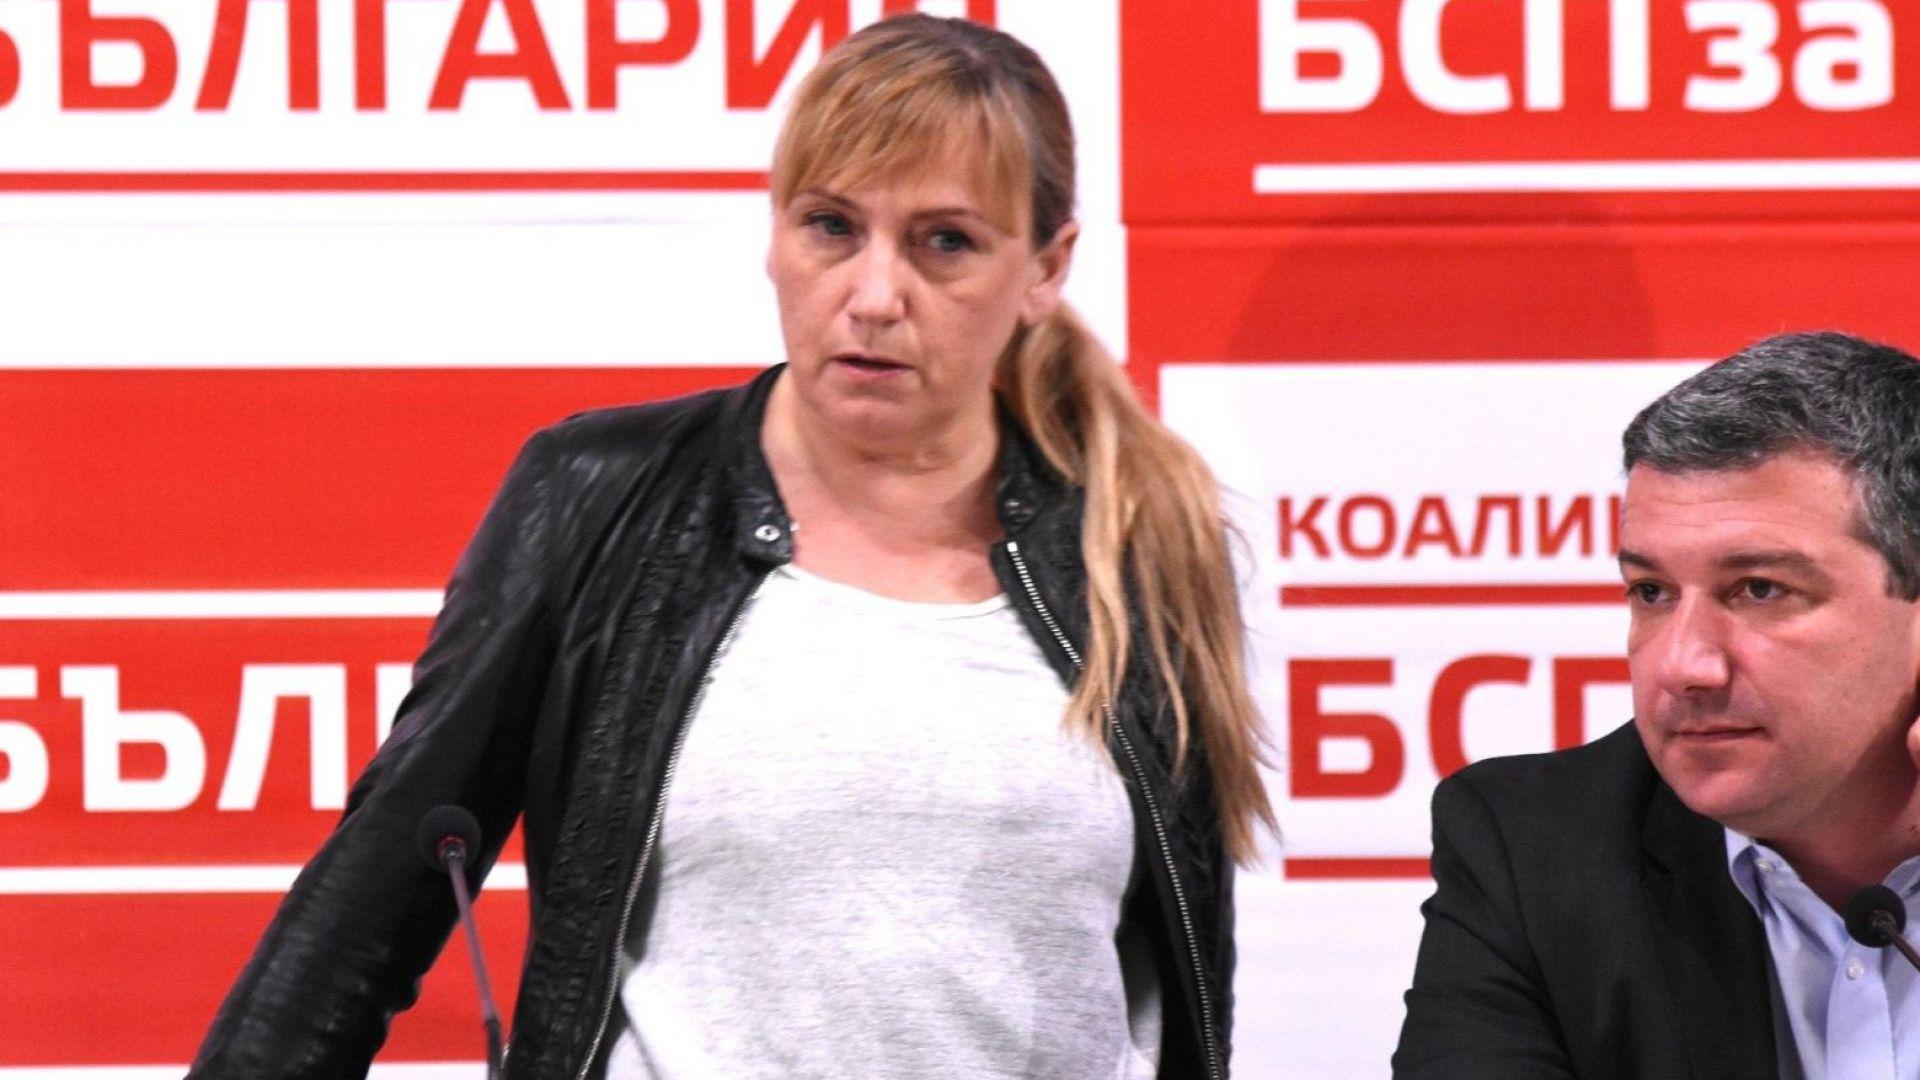 Елена Йончева хвърли микрофон, ядосана от въпрос за Цветан Василев